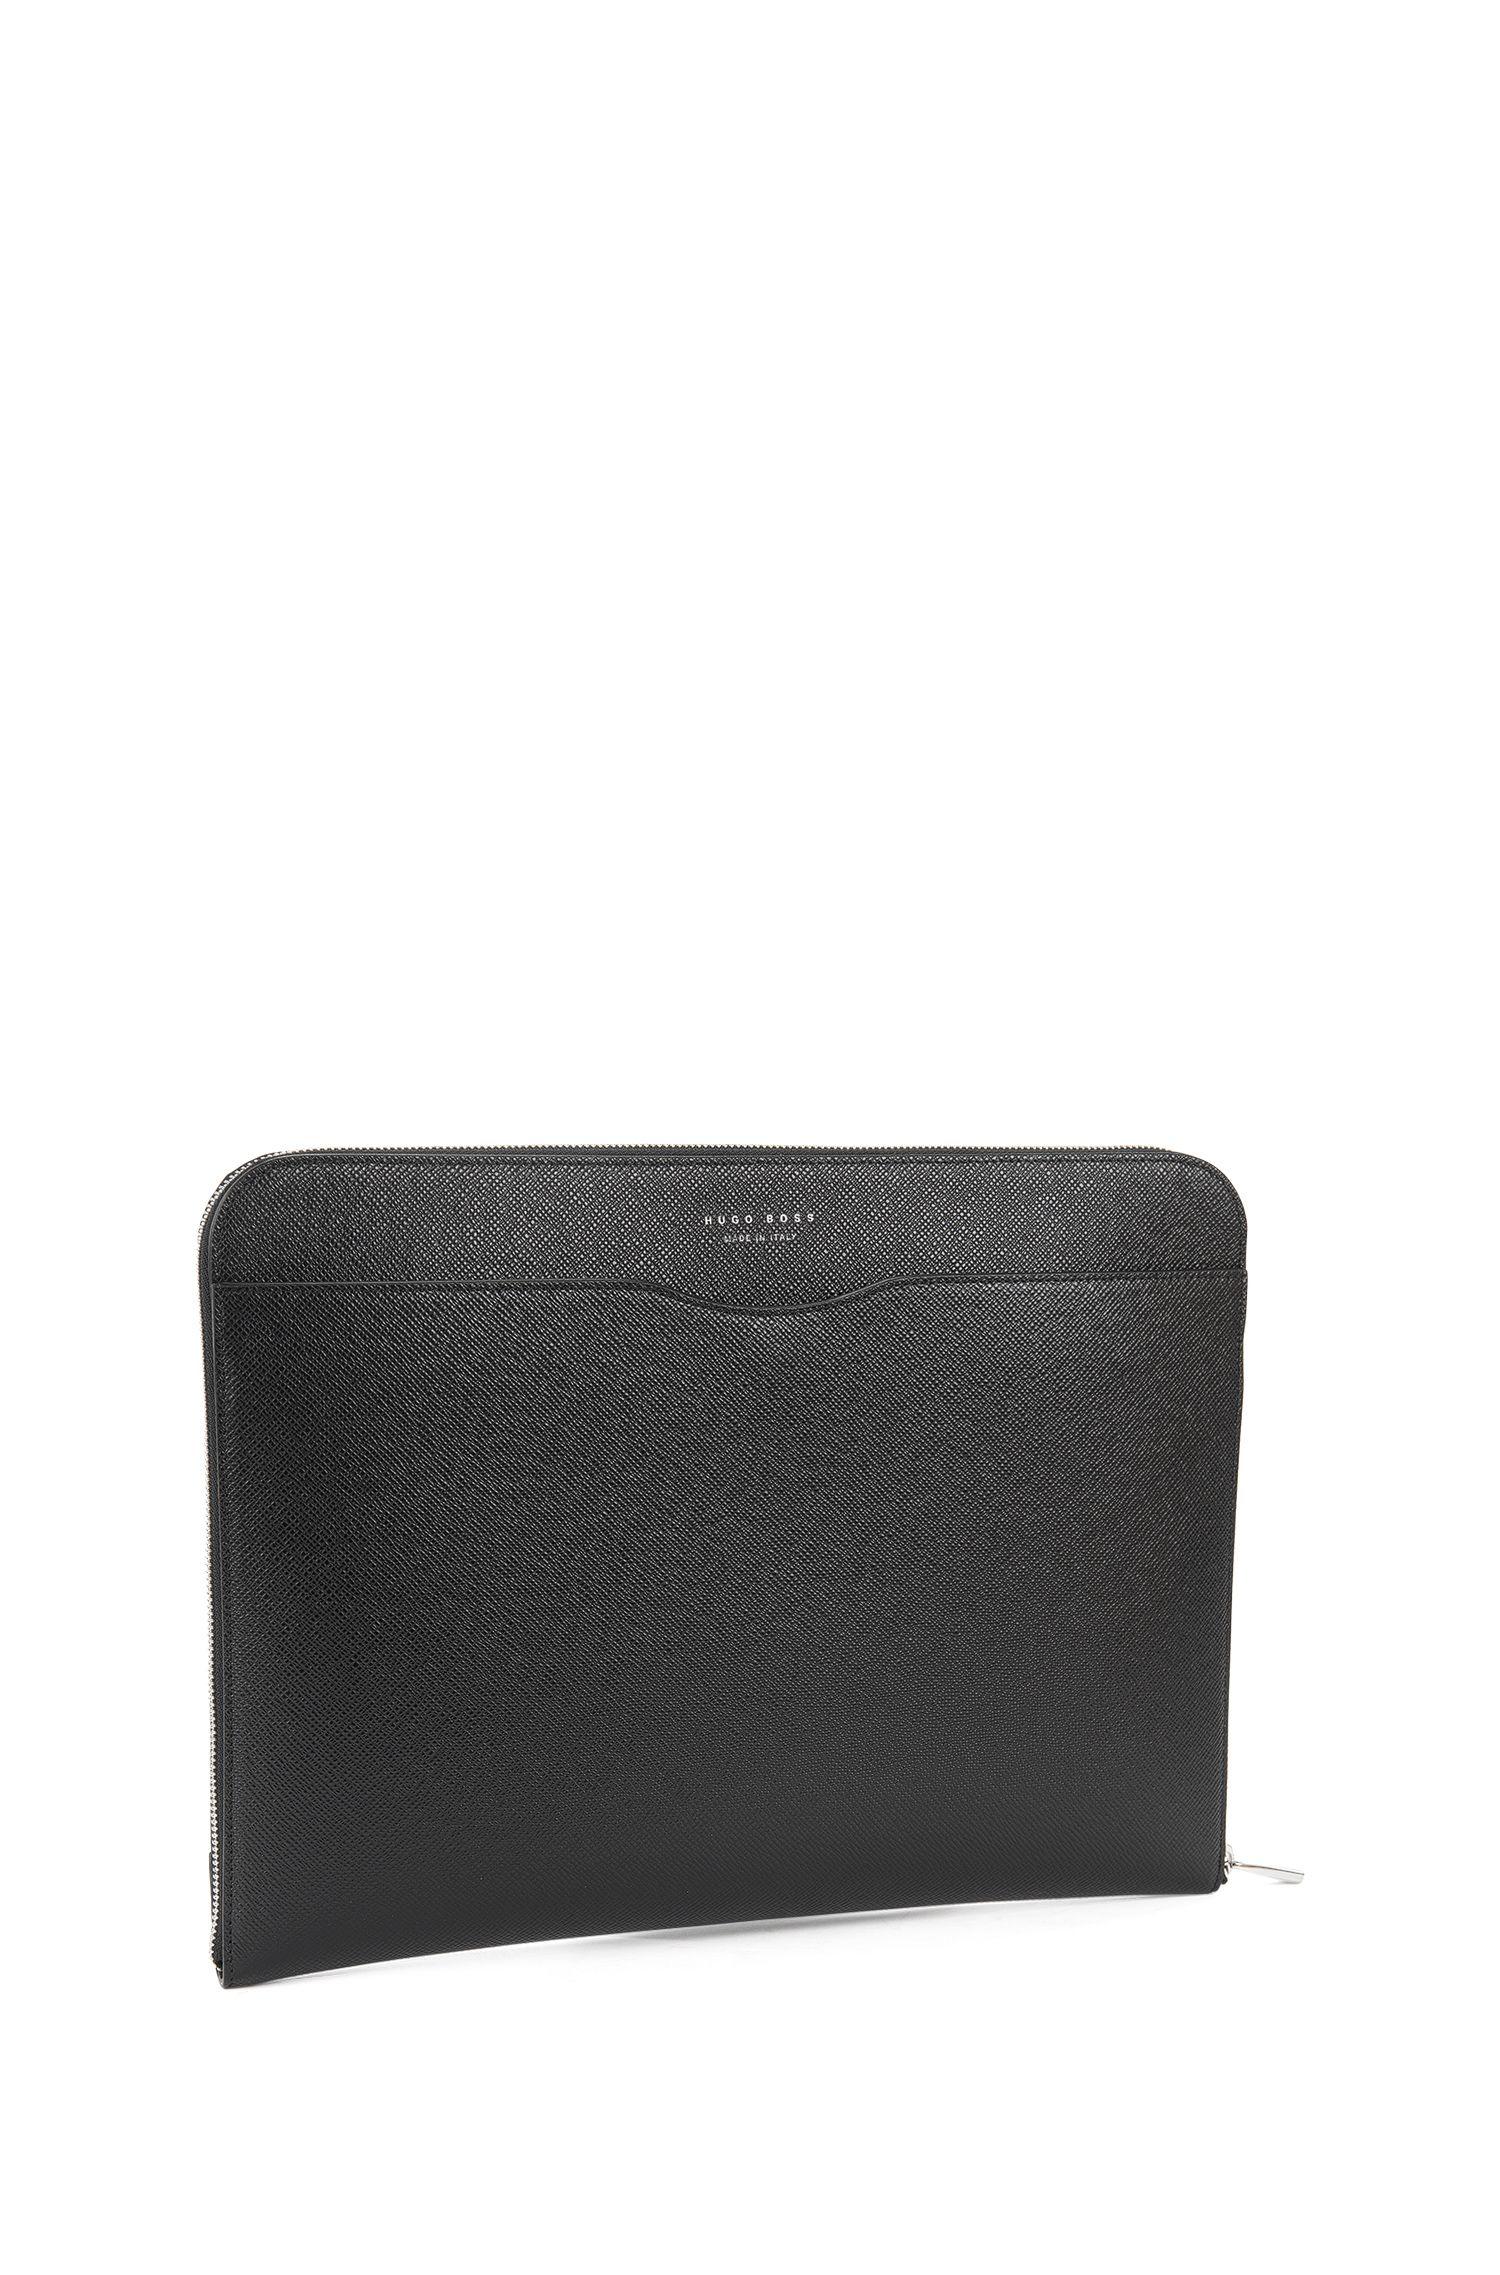 Italian Calfskin Portfolio Case | Signature Portfolio, Black